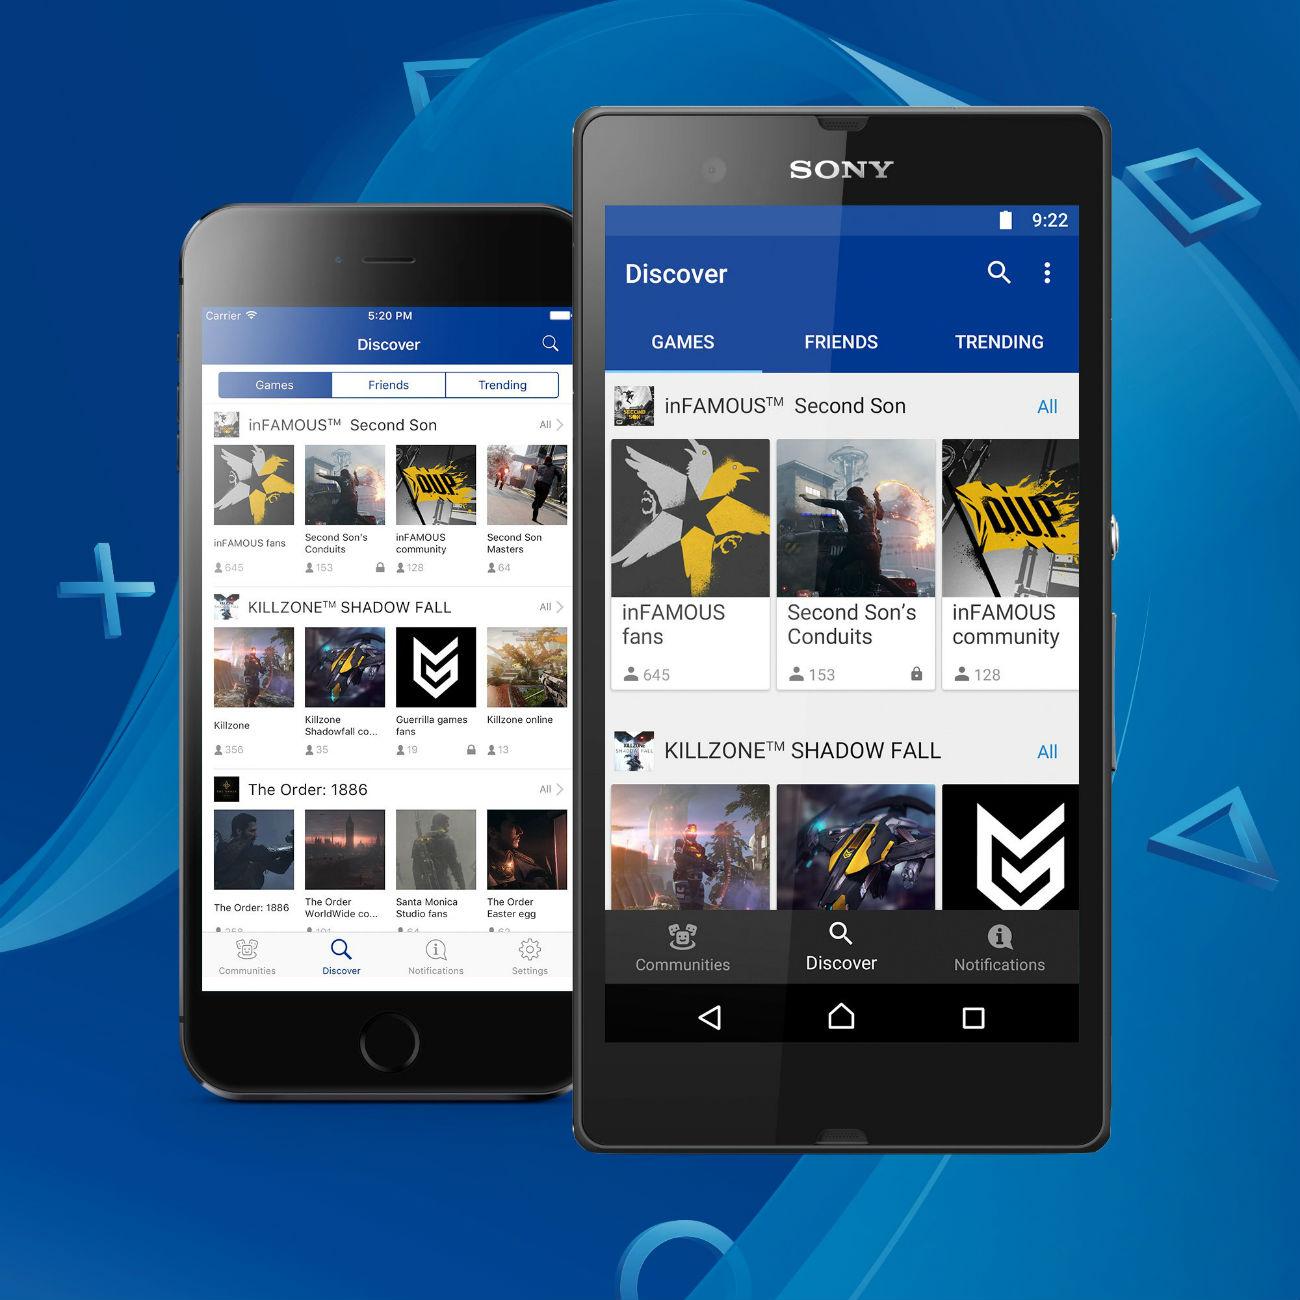 سوني تطلق تطبيق PlayStation Communities لدعم التواصل بين اللاعبين - التقنية بلا حدود